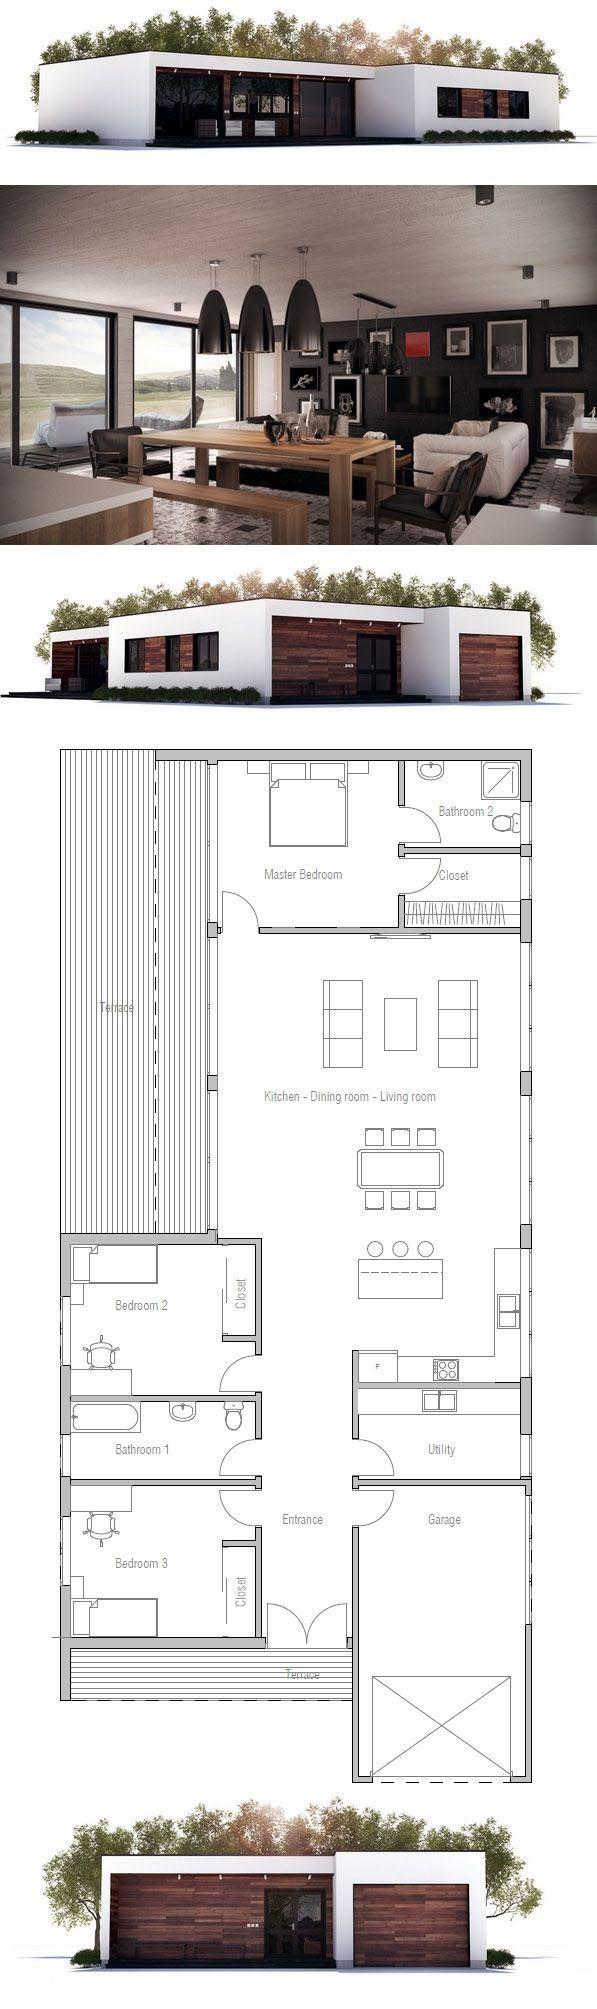 Grundrisse schmale hauspläne modernes haus pläne kleine moderne häuser minimalistische haus design ein neues zuhause versandbehälter häuser